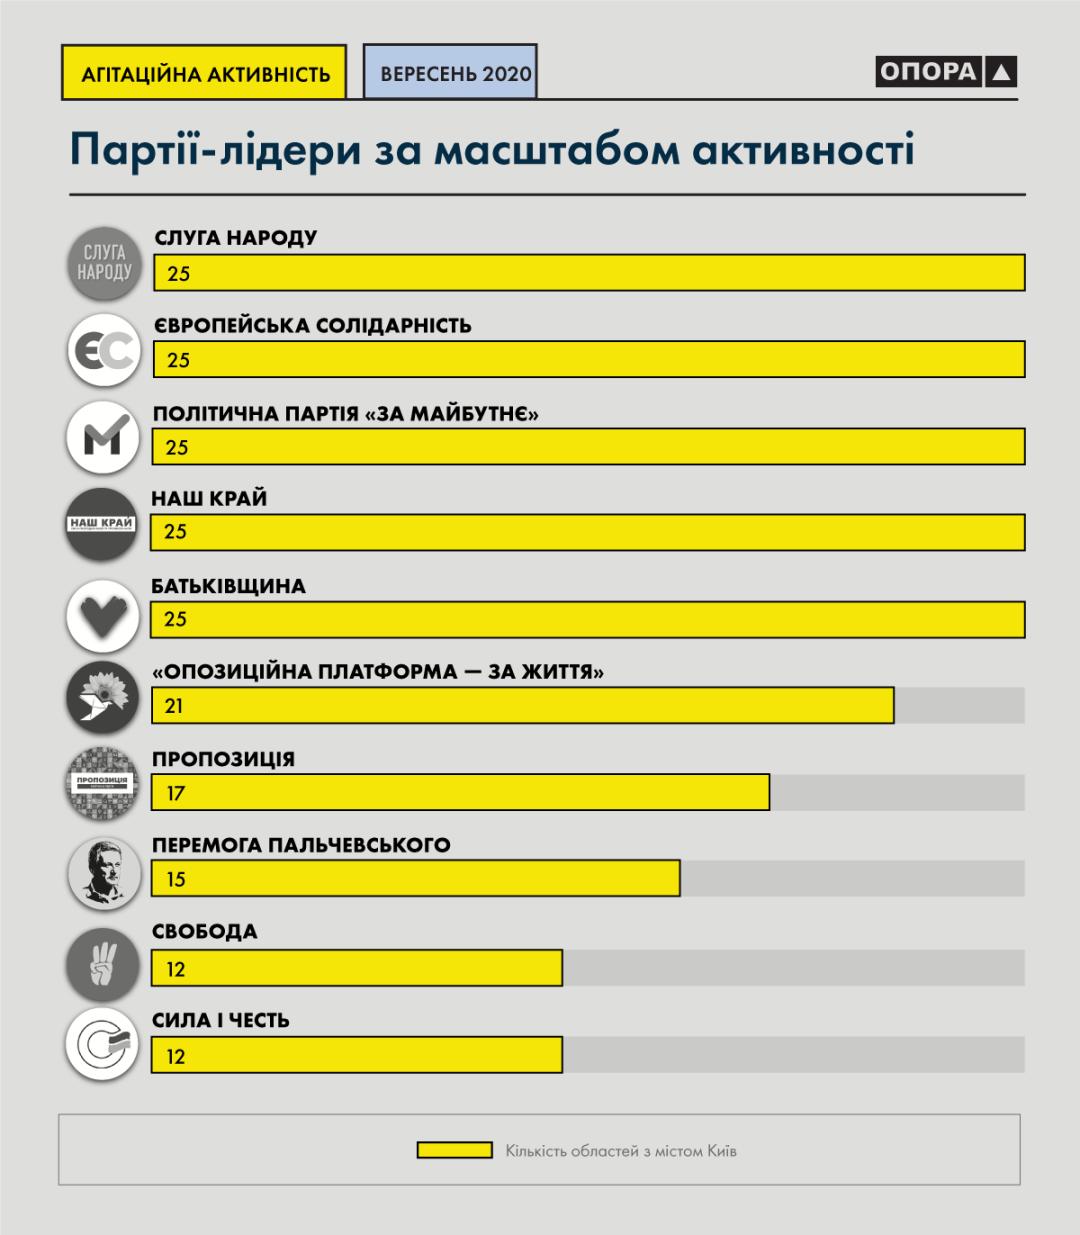 Стало відомо, які партії найбільше агітували у вересні